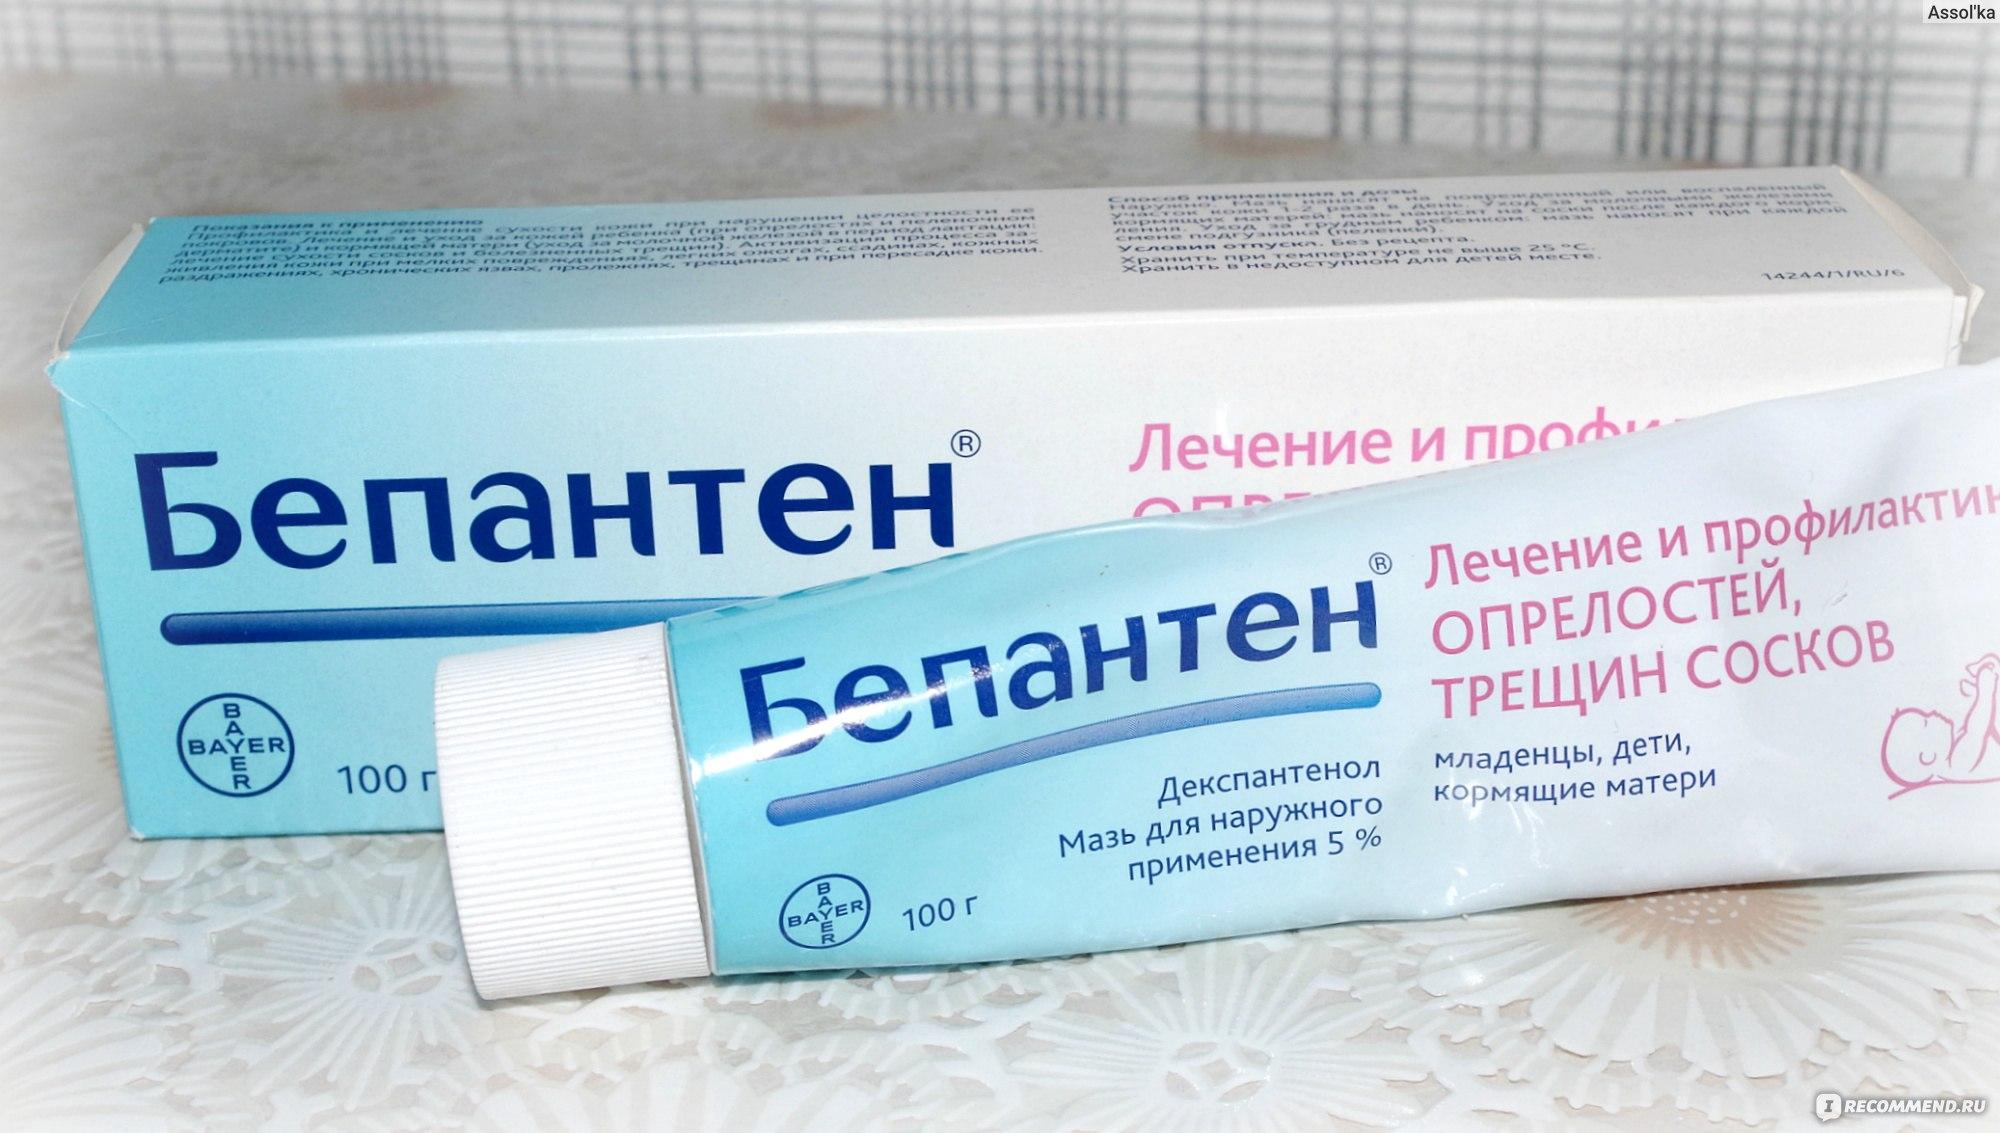 Бепантен – известное ранозаживляющее средство для наружного применения.